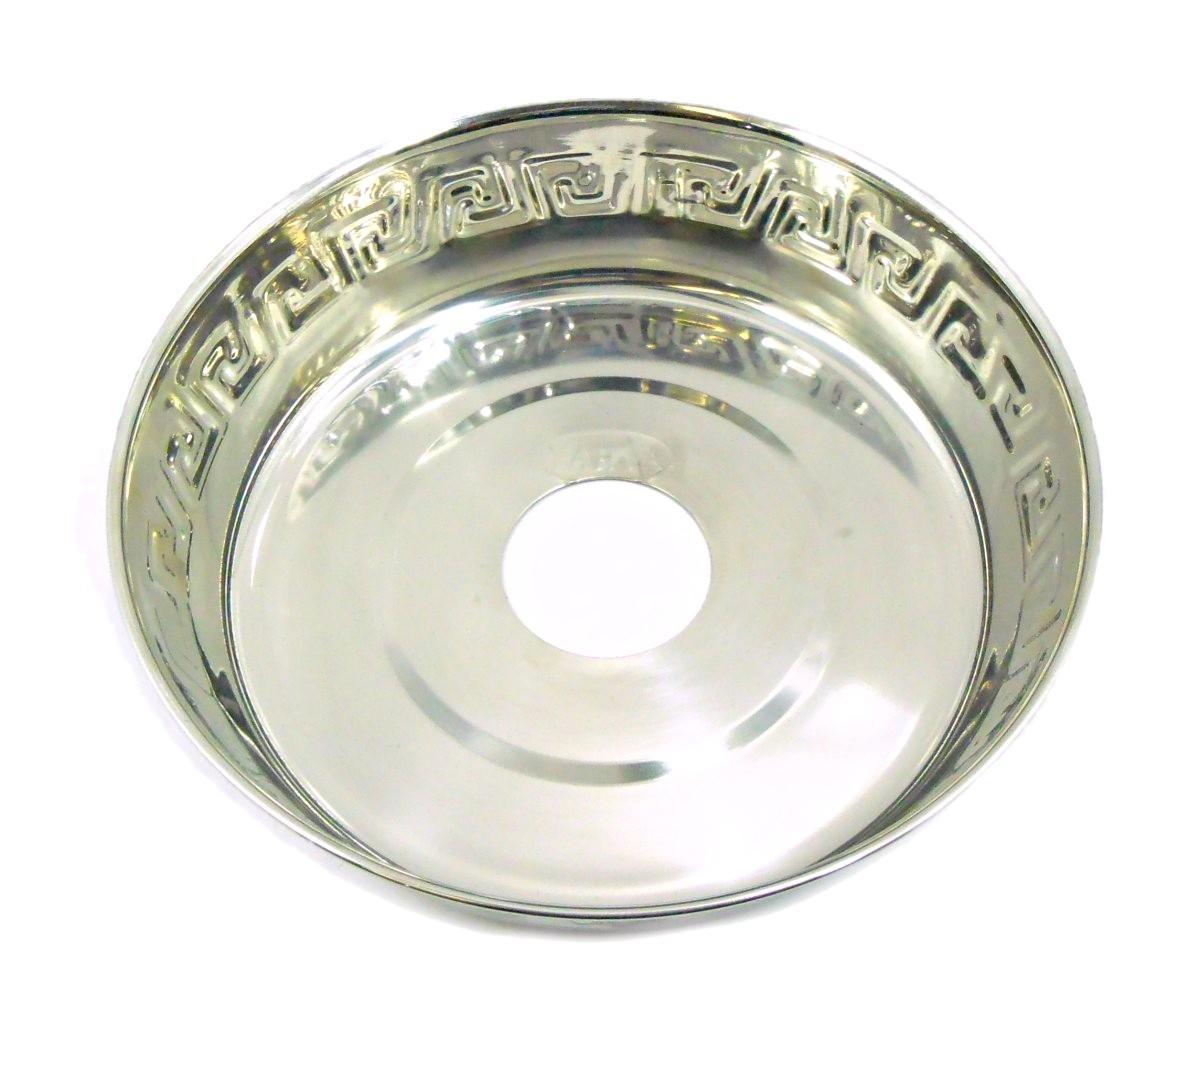 Prato para narguile Yahya P8 egípcio, em latão, 18cm de diâmetro, furo 4,4cm. Grande e fundo.